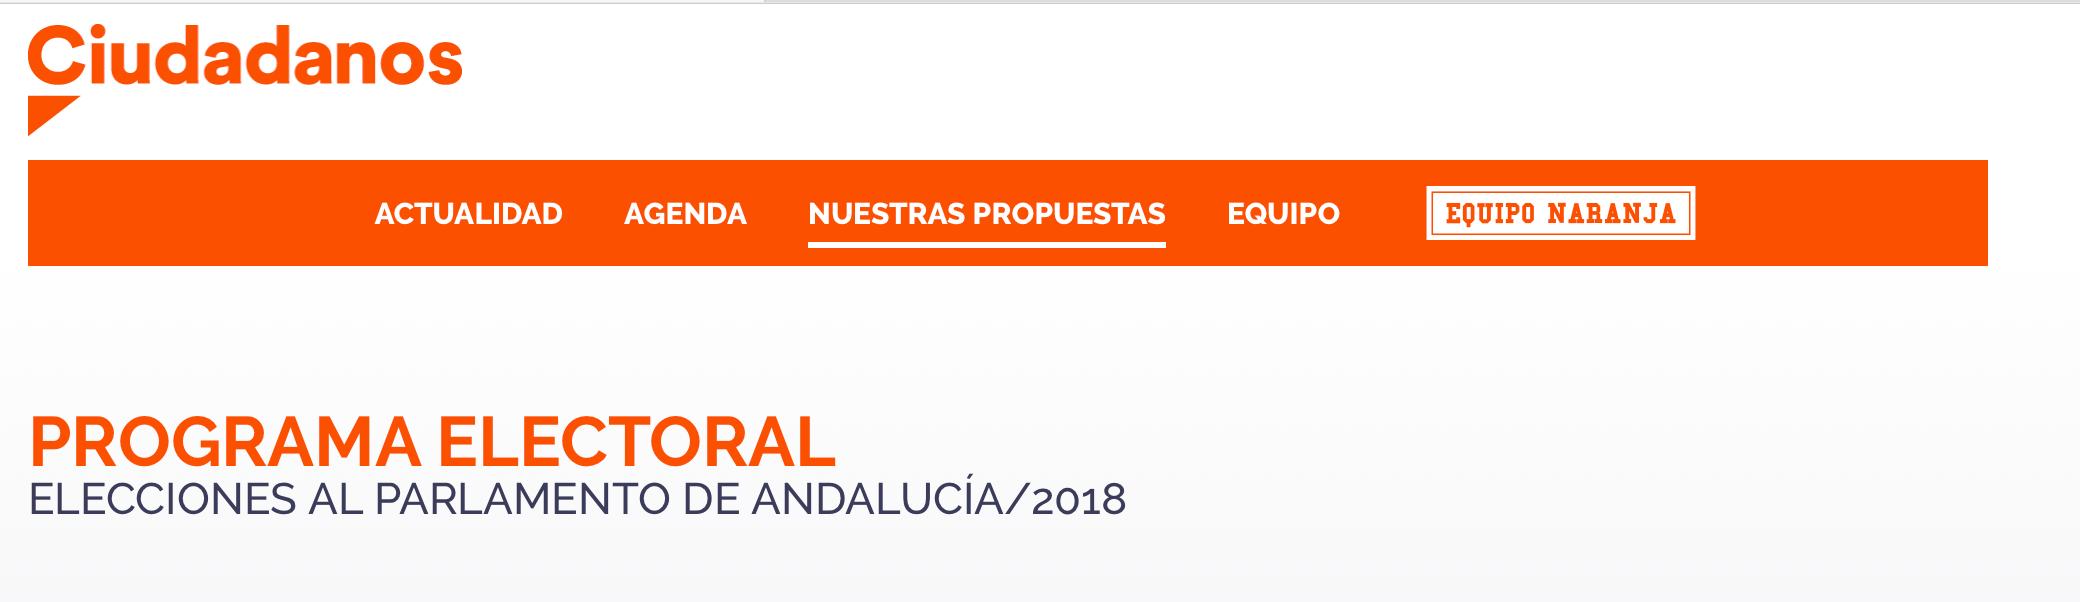 Elecciones andaluzas 2018 y viviendas turísticas